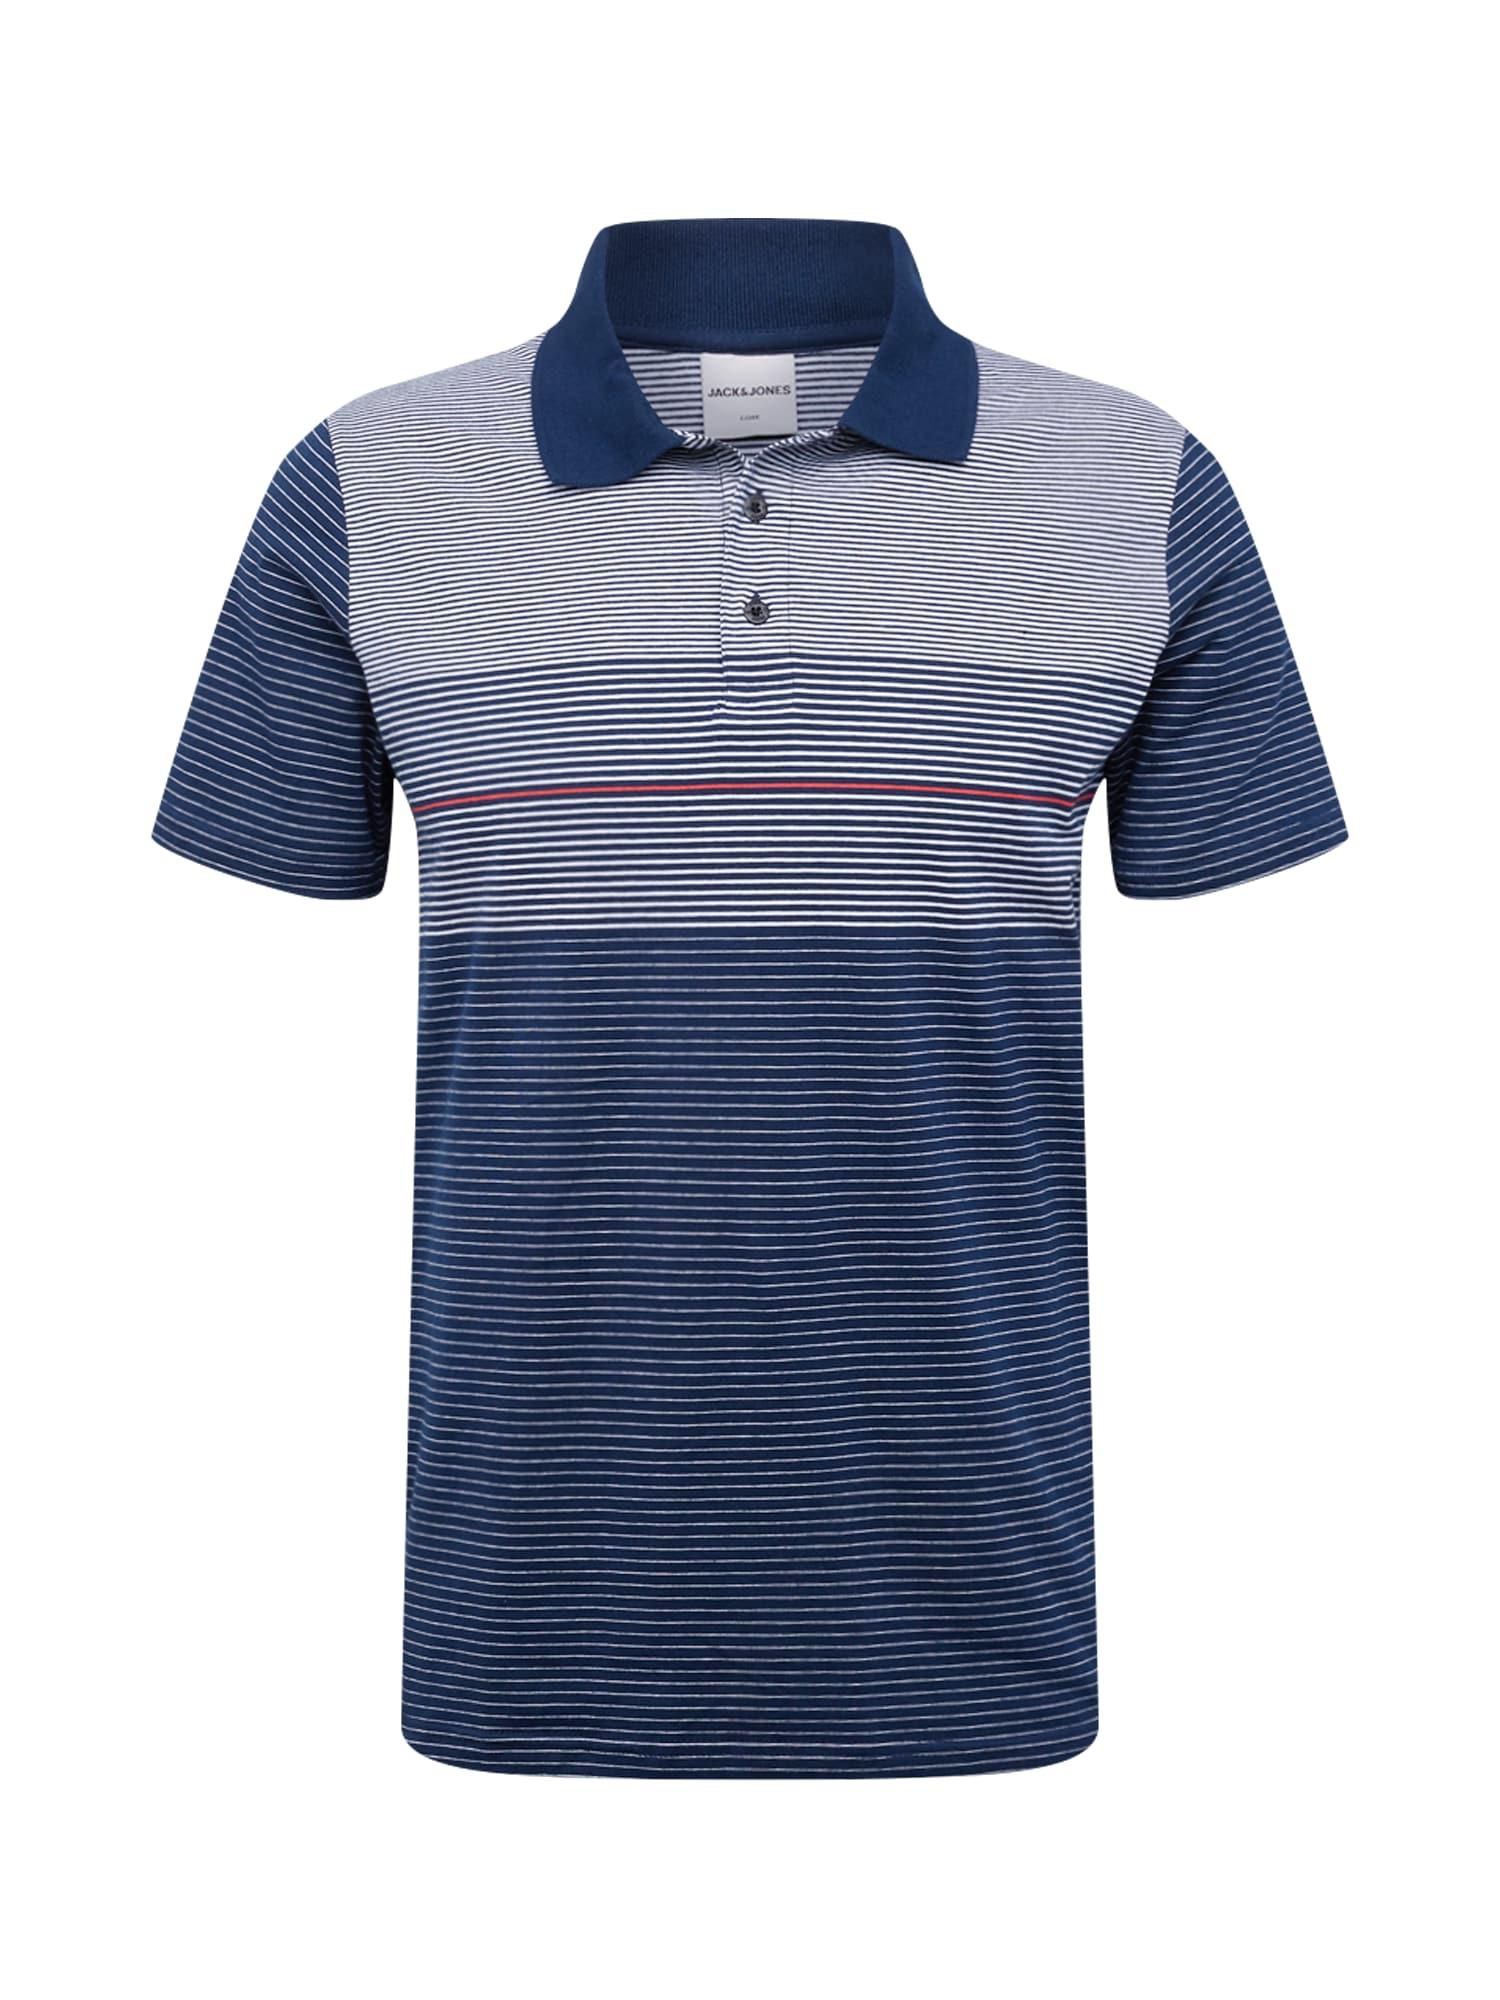 JACK & JONES Tričko  námořnická modř / bílá / korálová